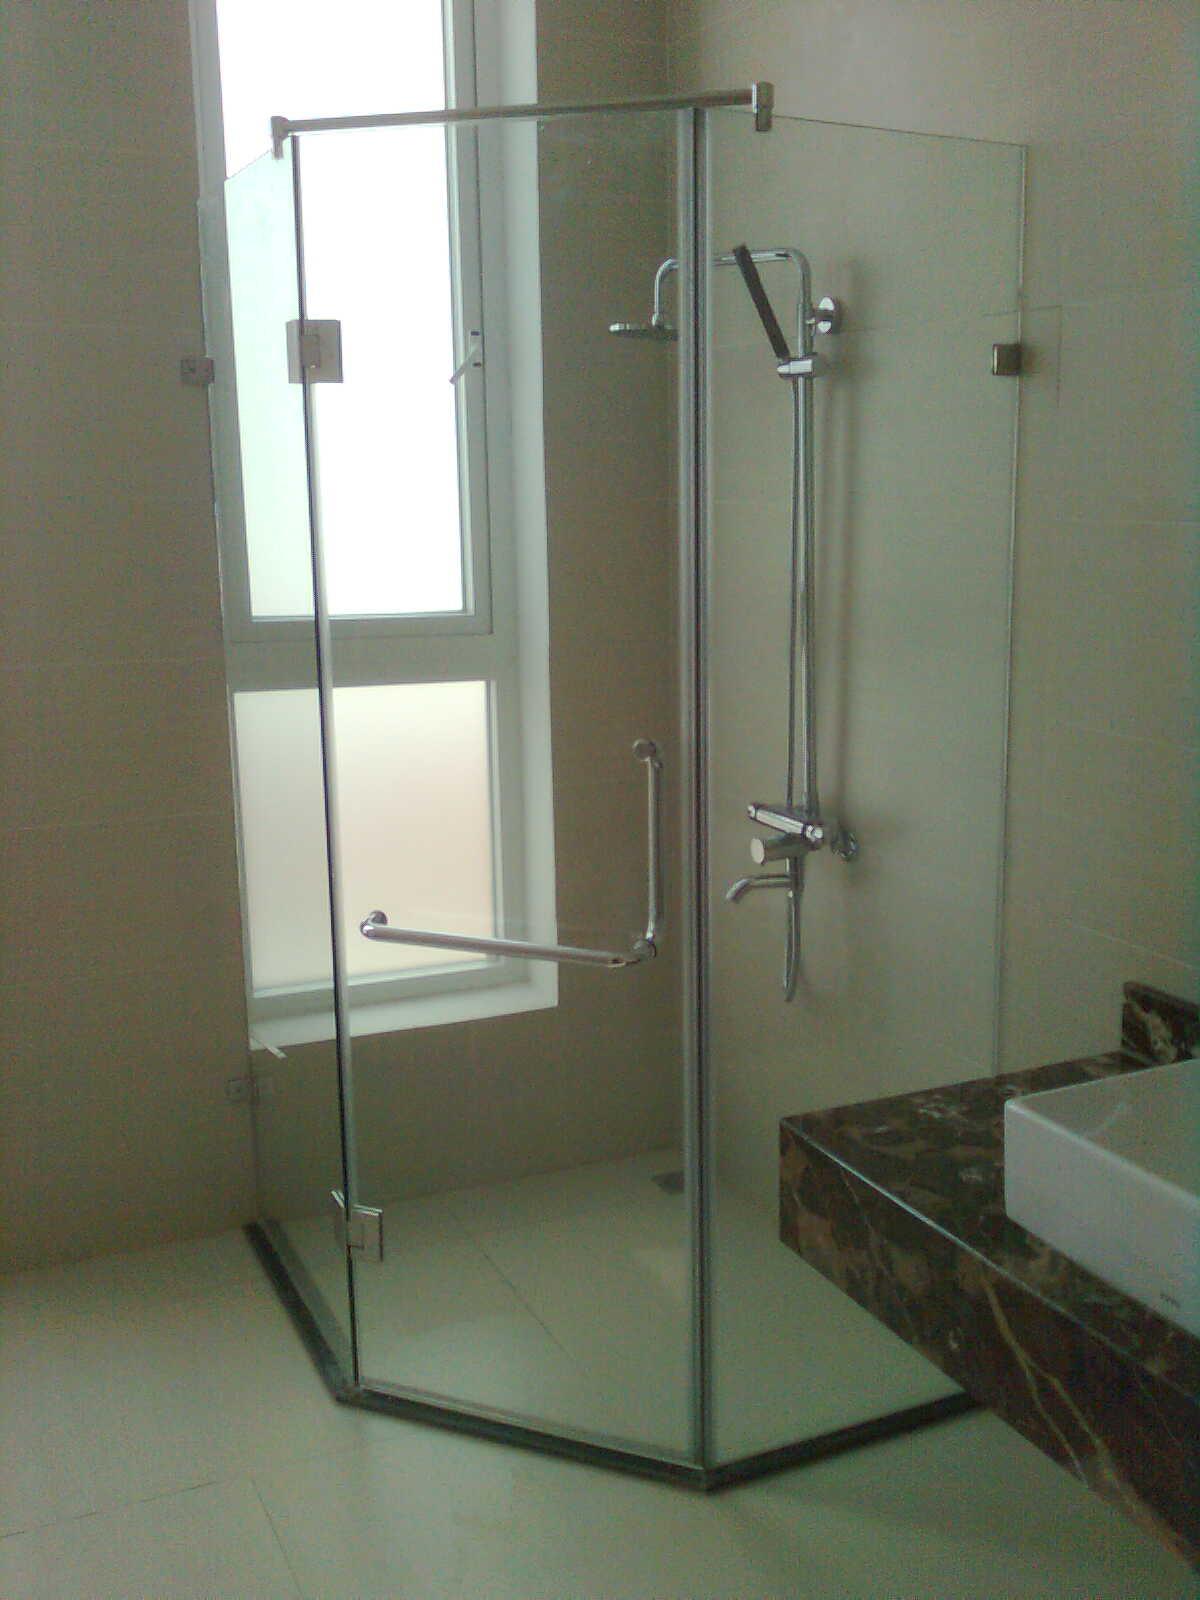 Những mẫu phòng tắm kính đẹp đơn giản mà độc đáo nhất hiện nay3